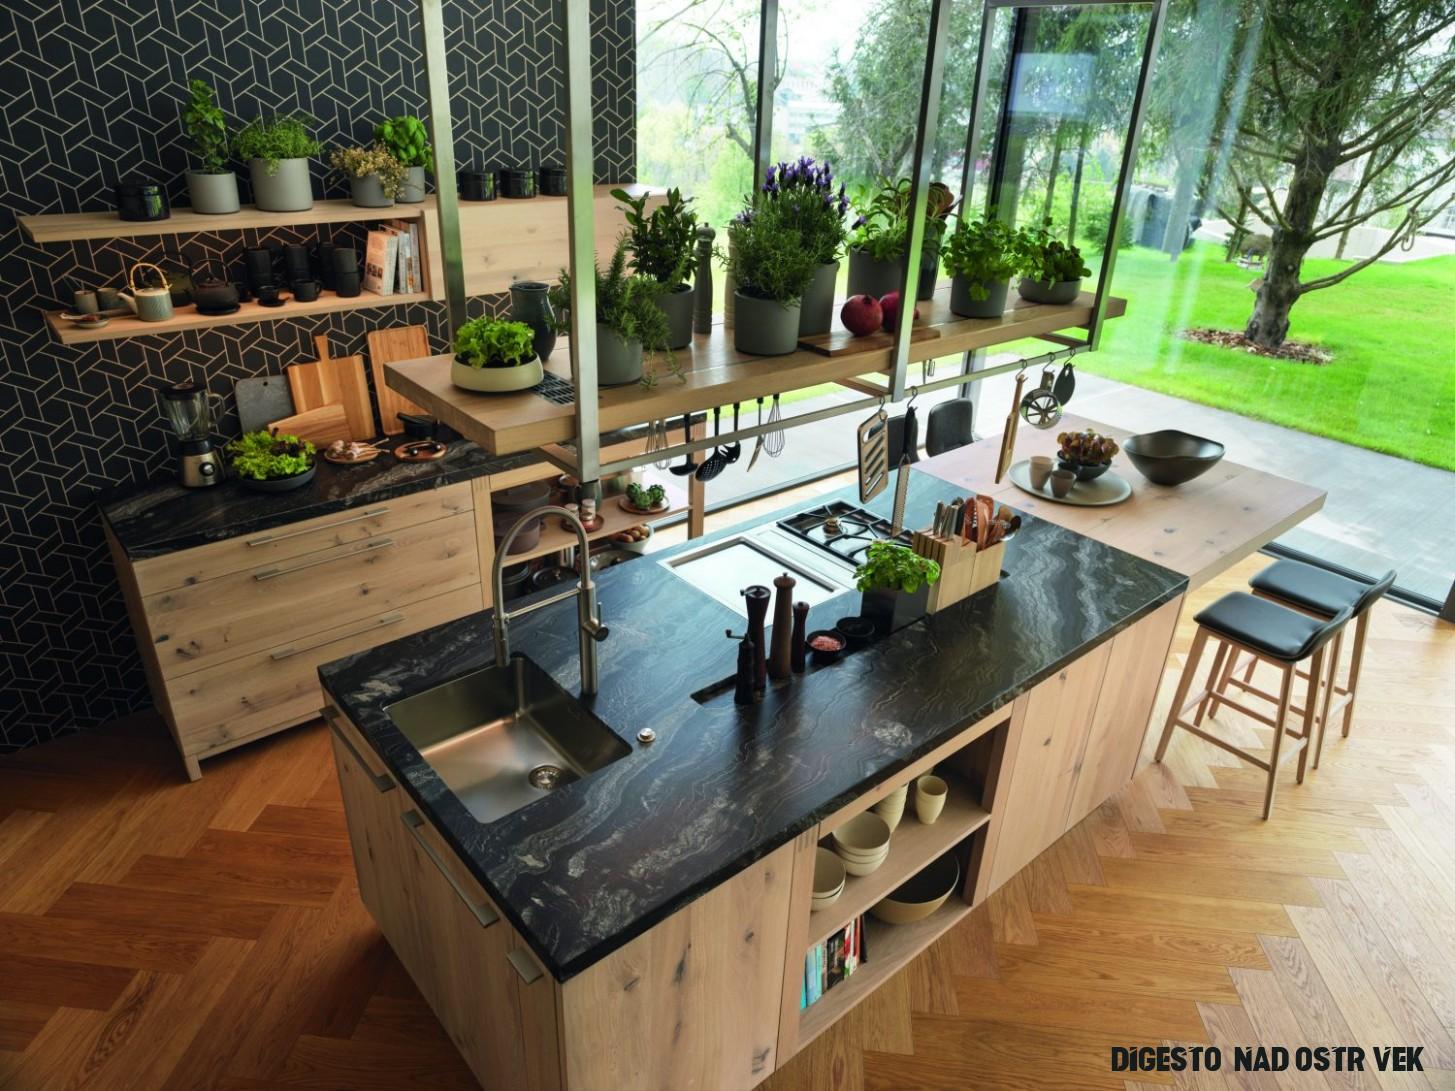 Oblíbený ostrůvek v centru kuchyně  Pěkné Bydlení